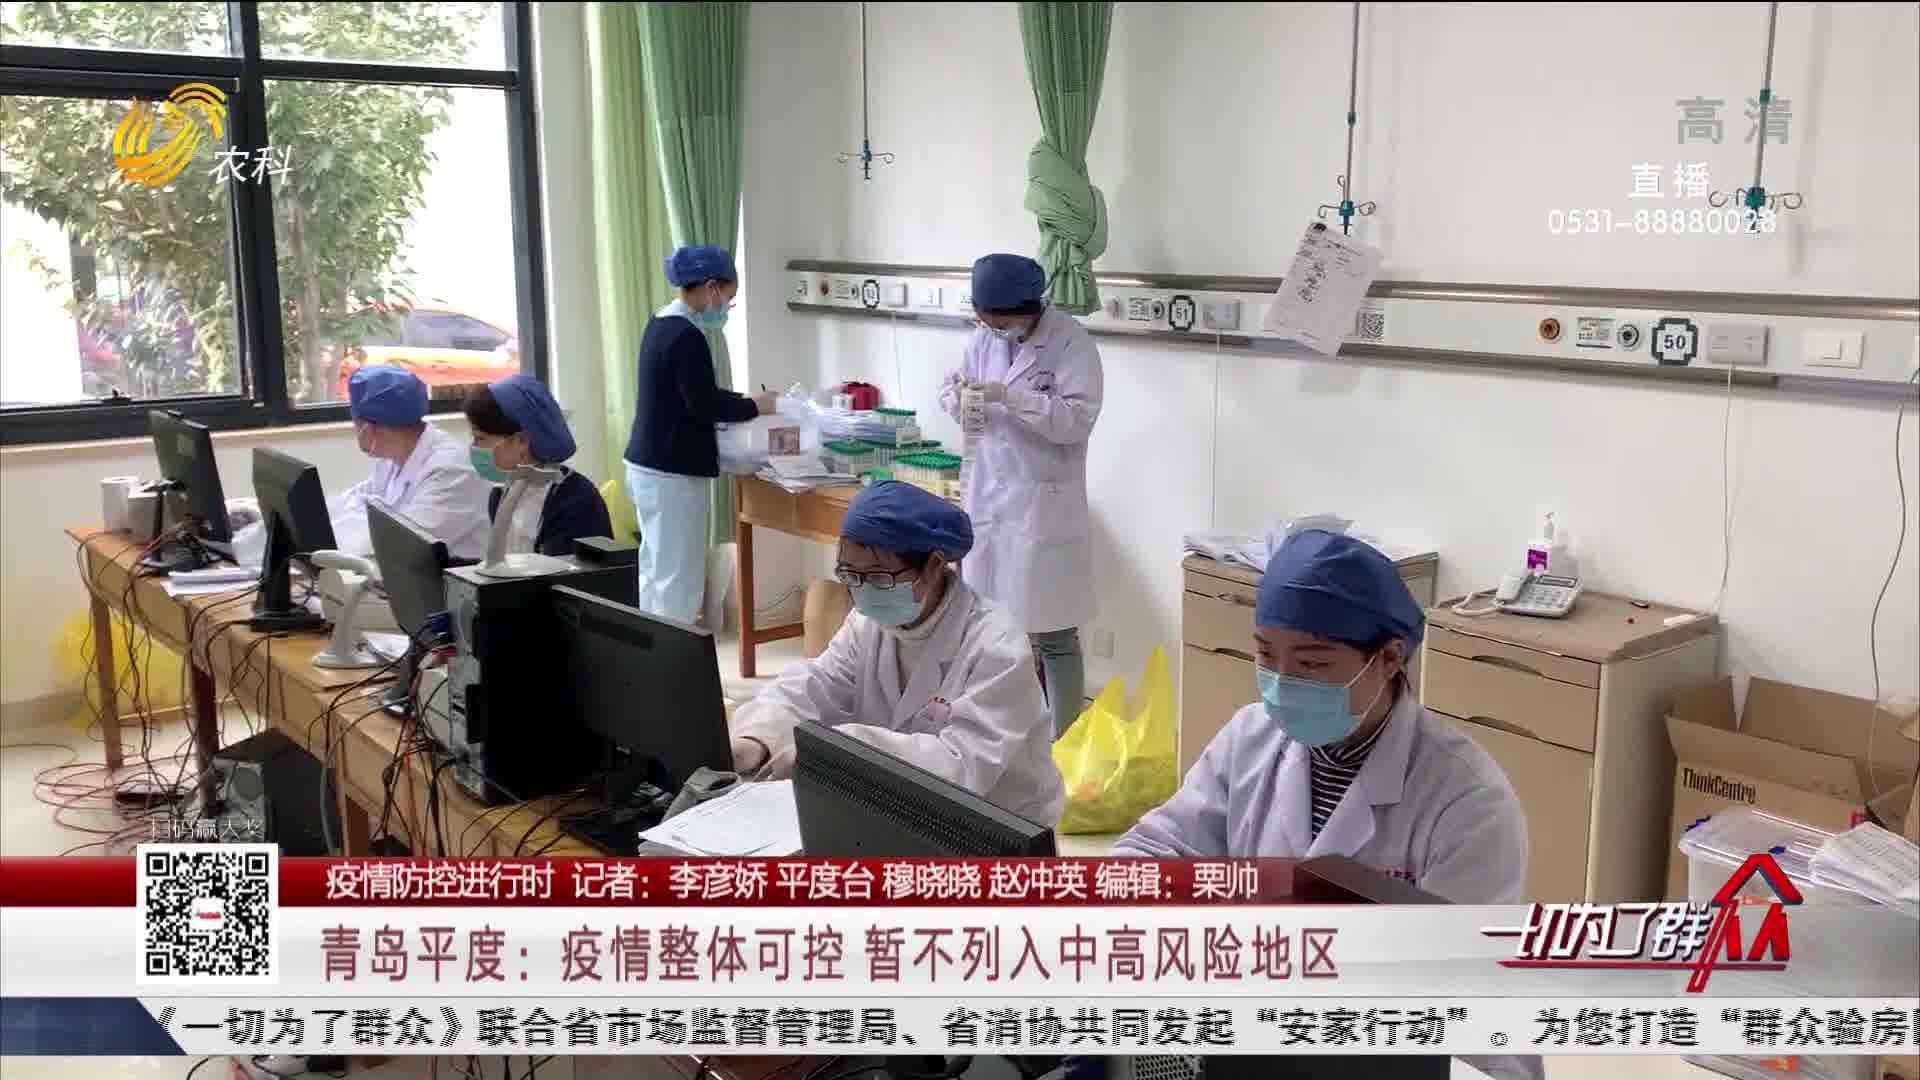 【疫情防控进行时】 青岛平度:疫情整体可控 暂不列入中高风险地区